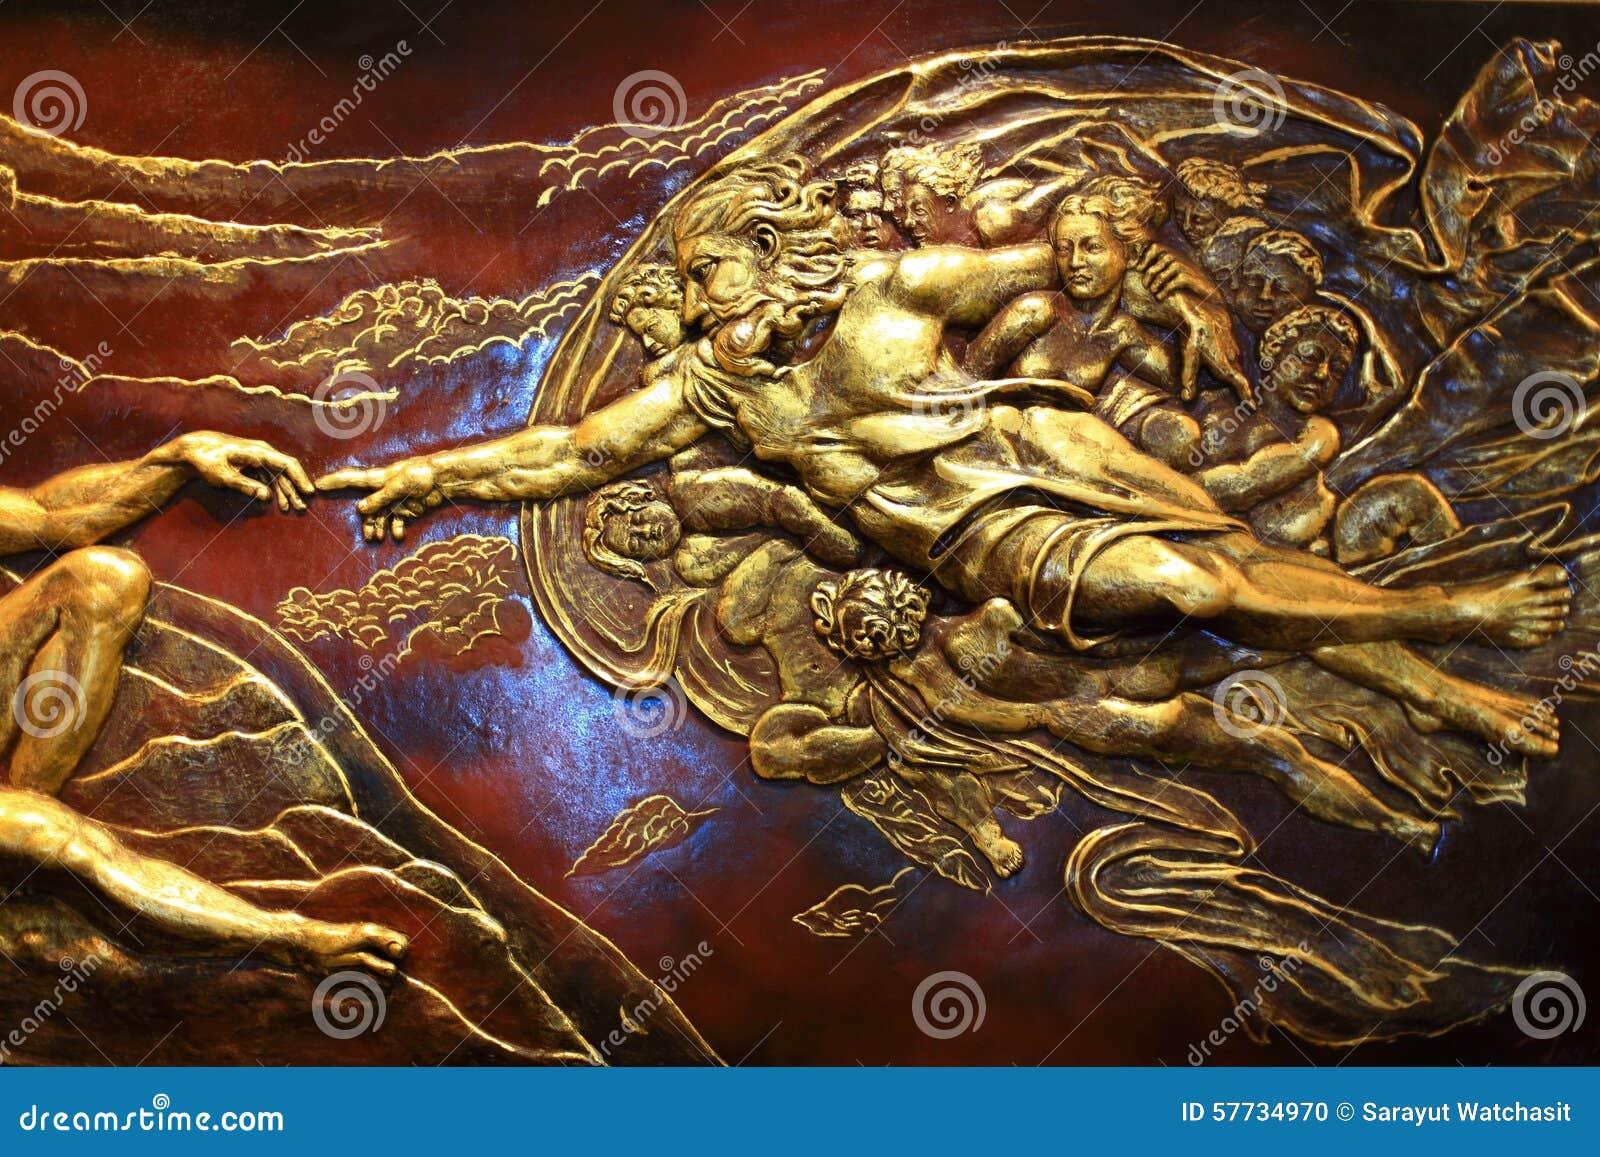 Haut-reliëfbeeldhouwwerk van Griekse mythologie